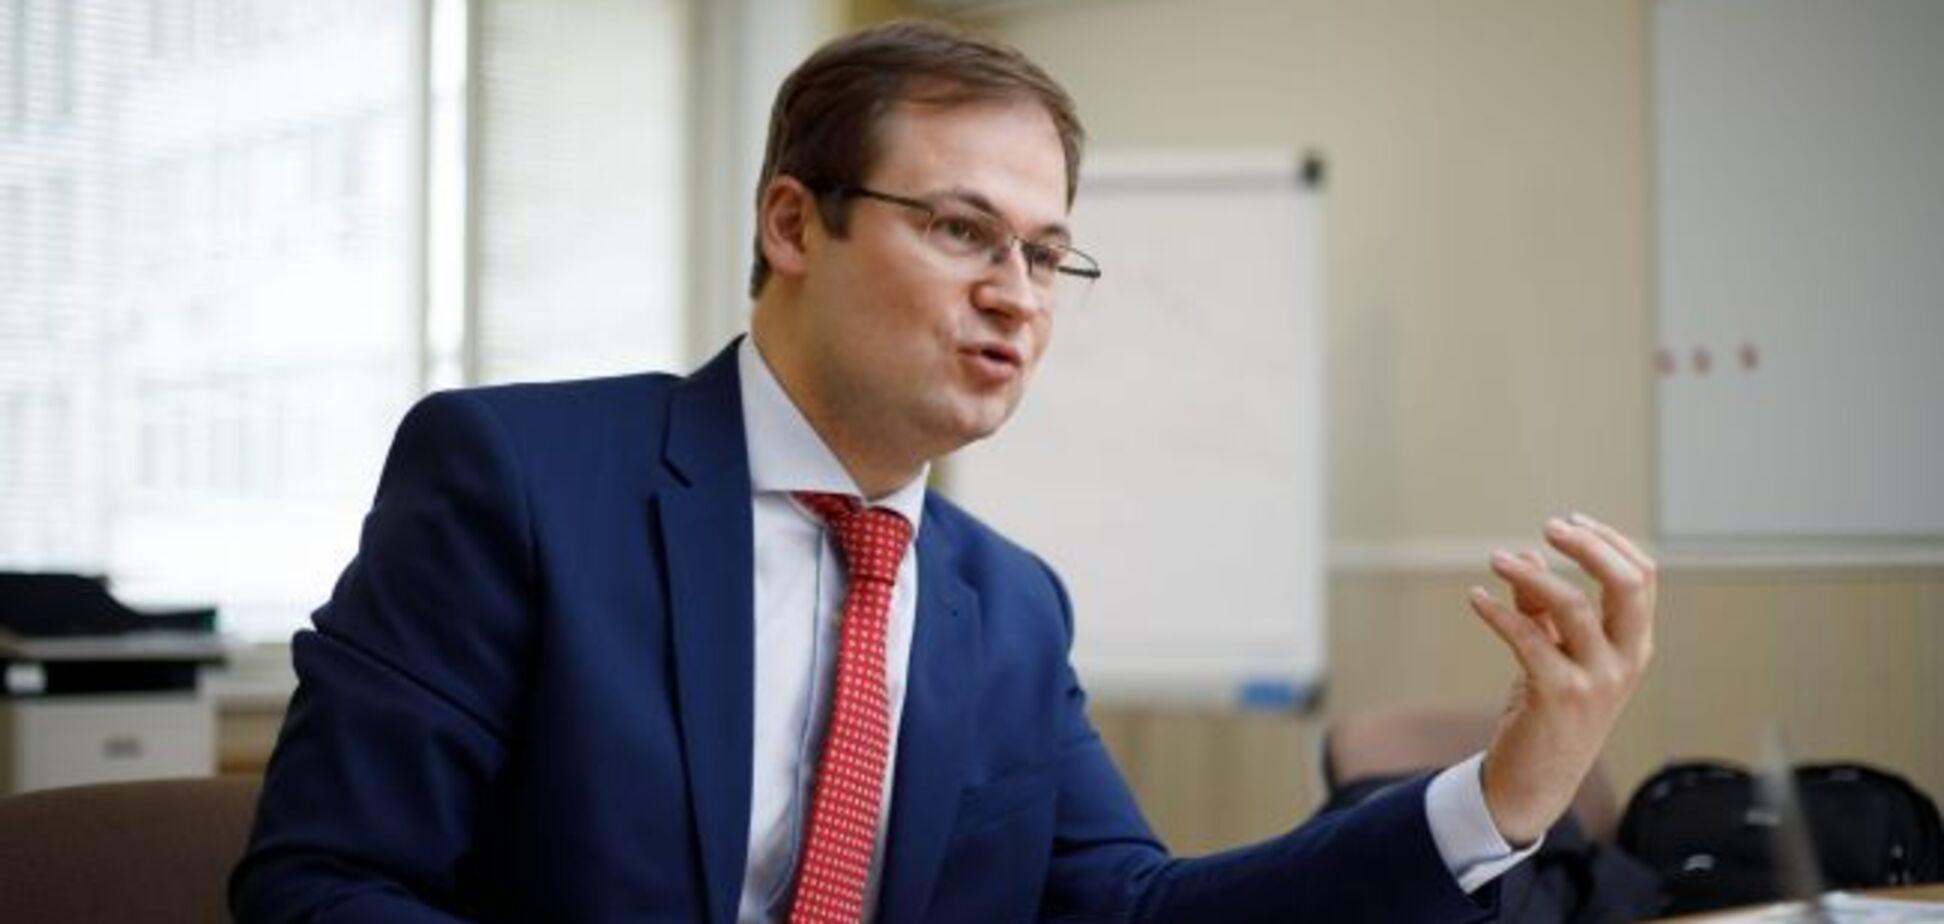 Заместитель главы ФГИУ Кудин: приватизация – лучший инструмент деолигархизации